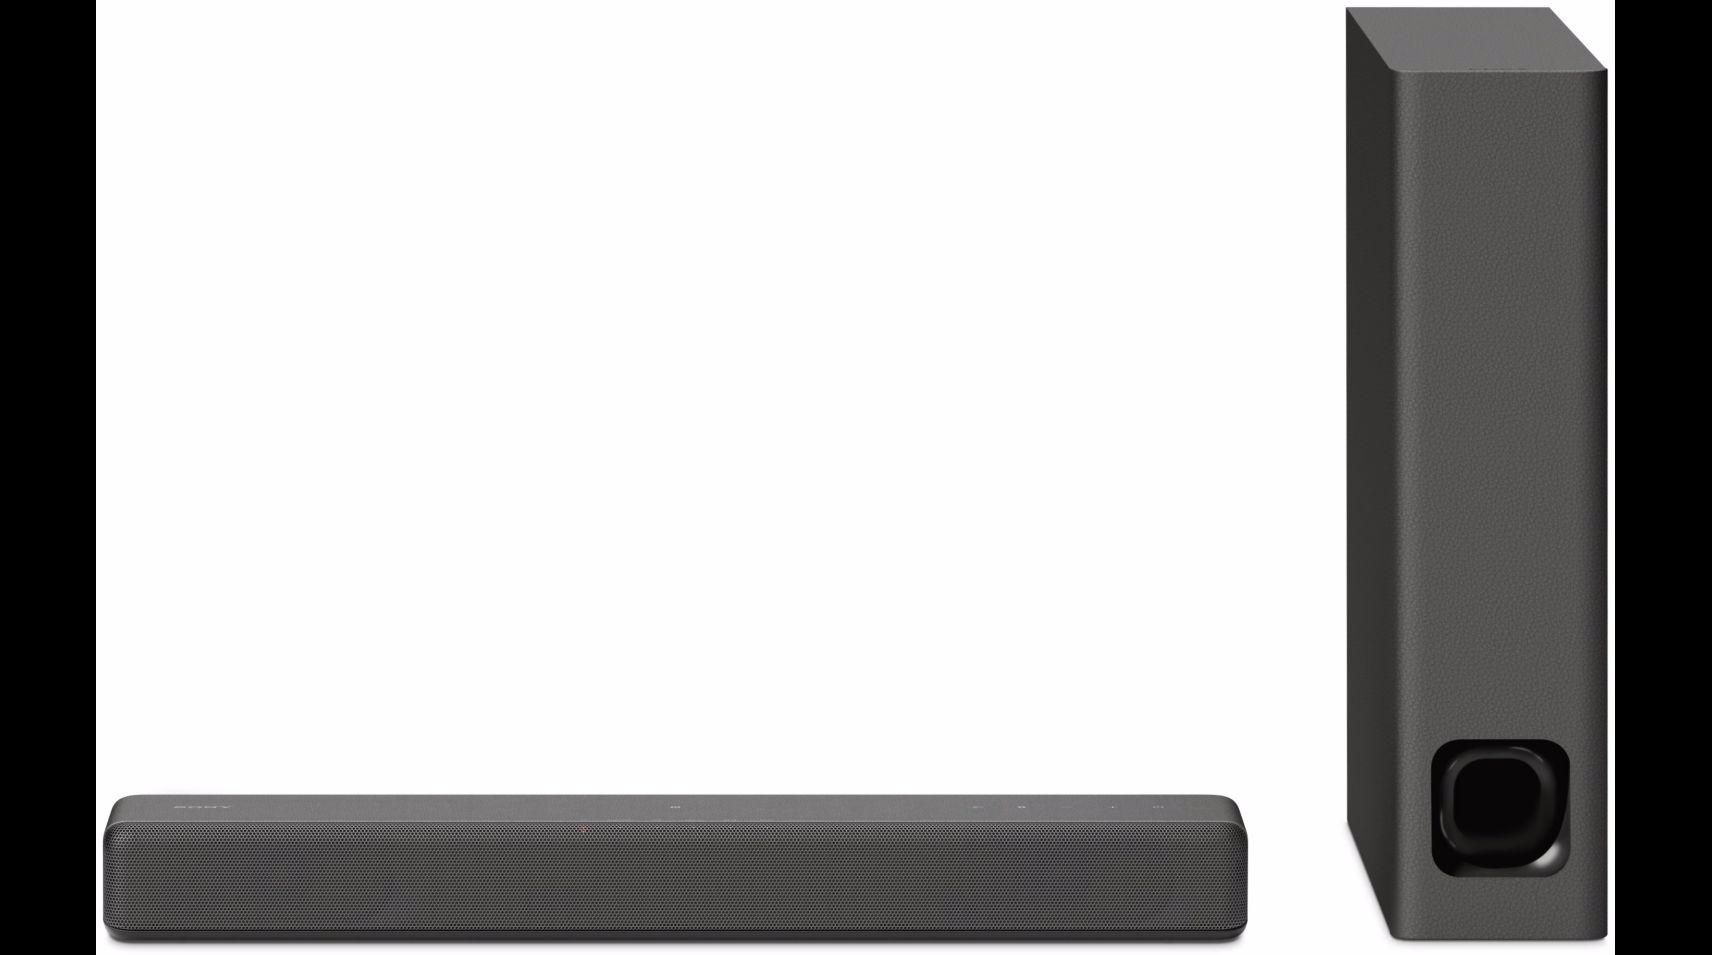 Barre de son + caisson de basse - HT-MT300